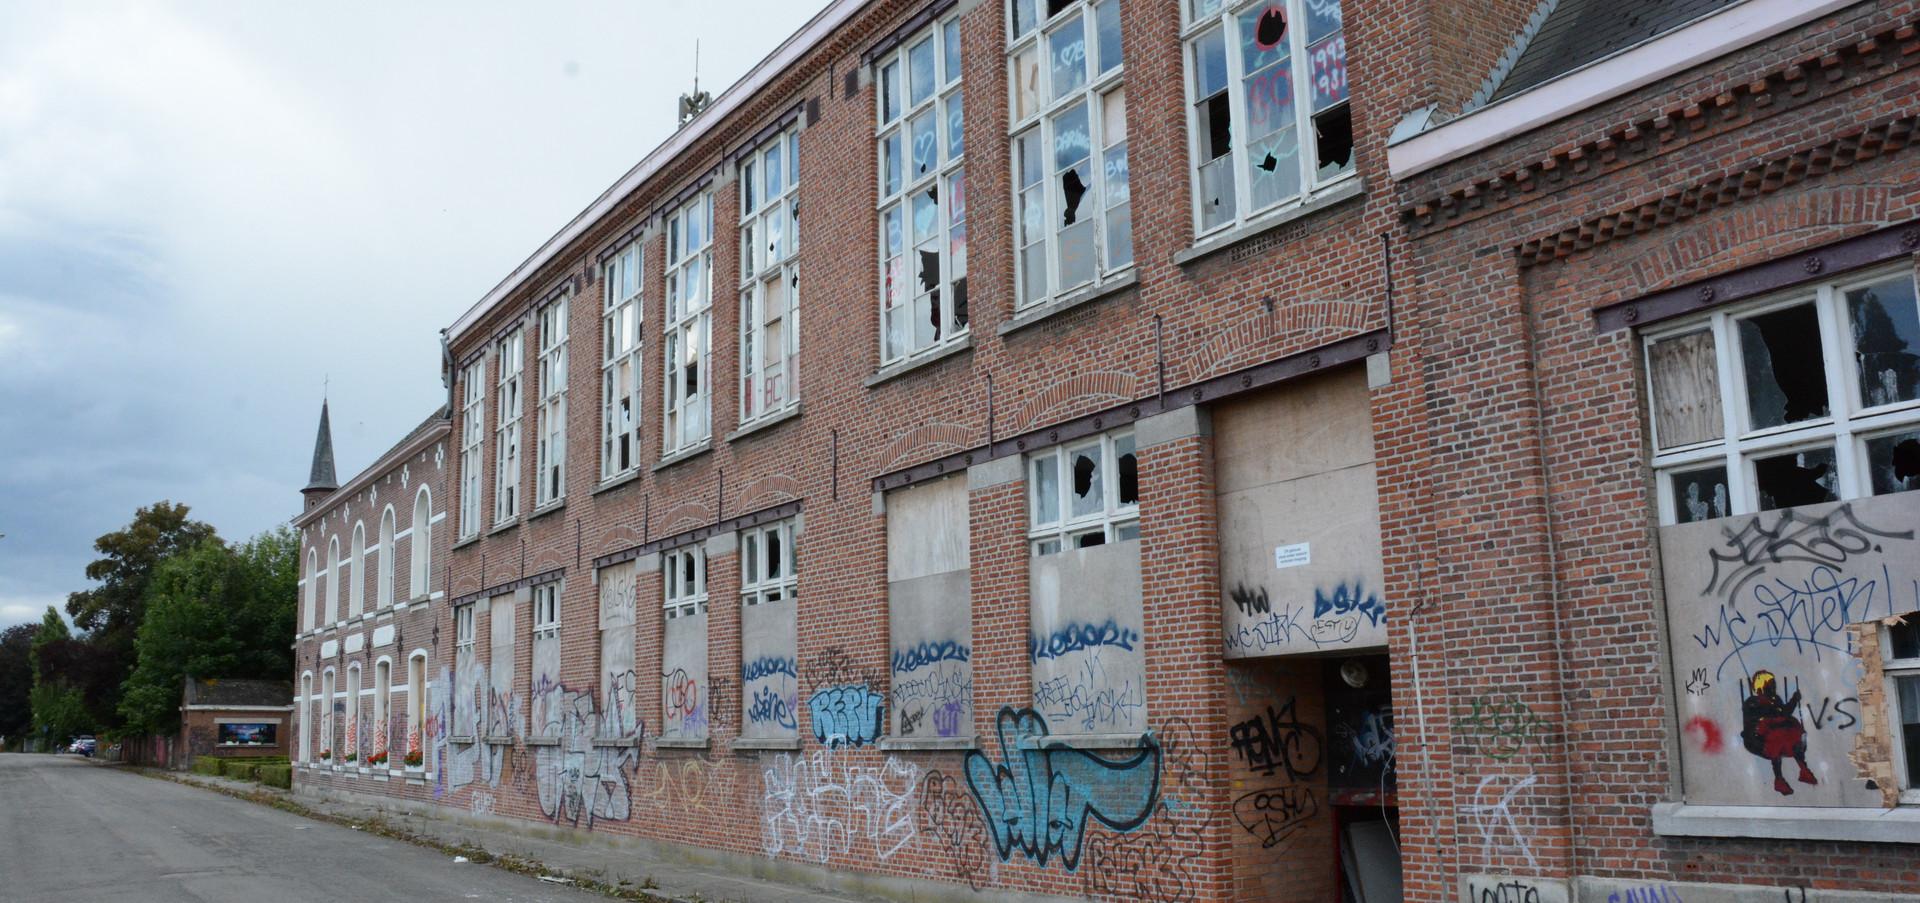 Vandalisme in Doel.JPG